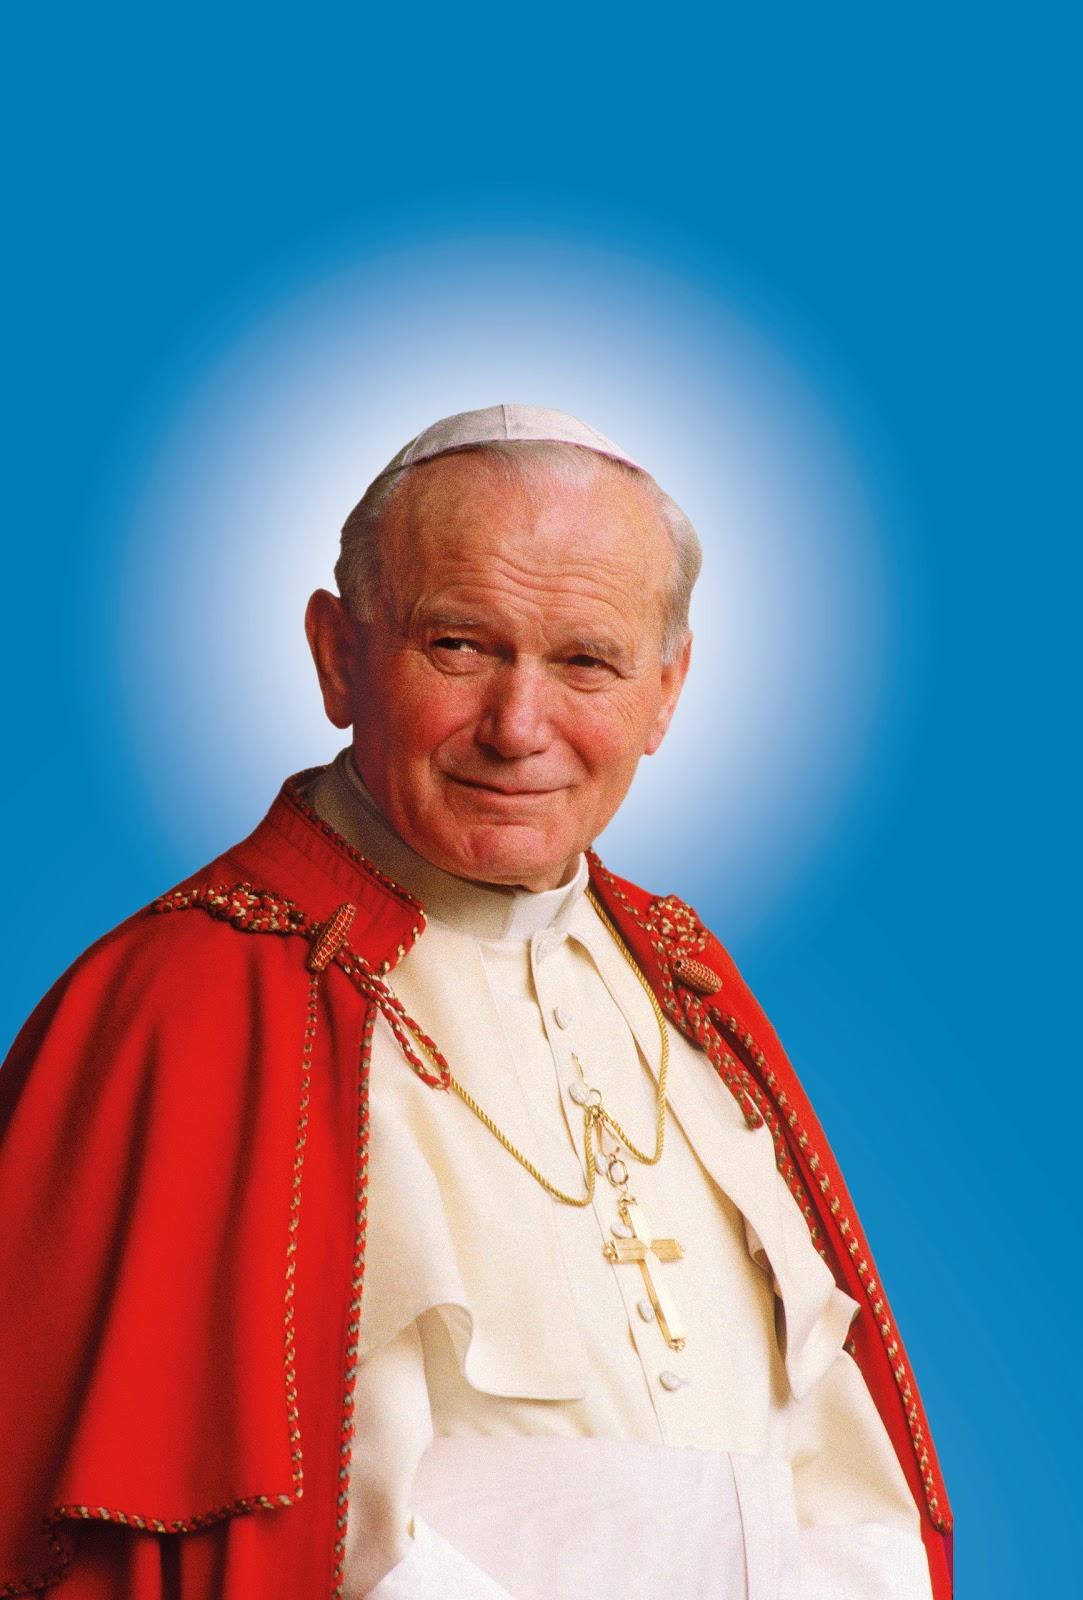 Йоан-Павло II (Кароль Войтила)